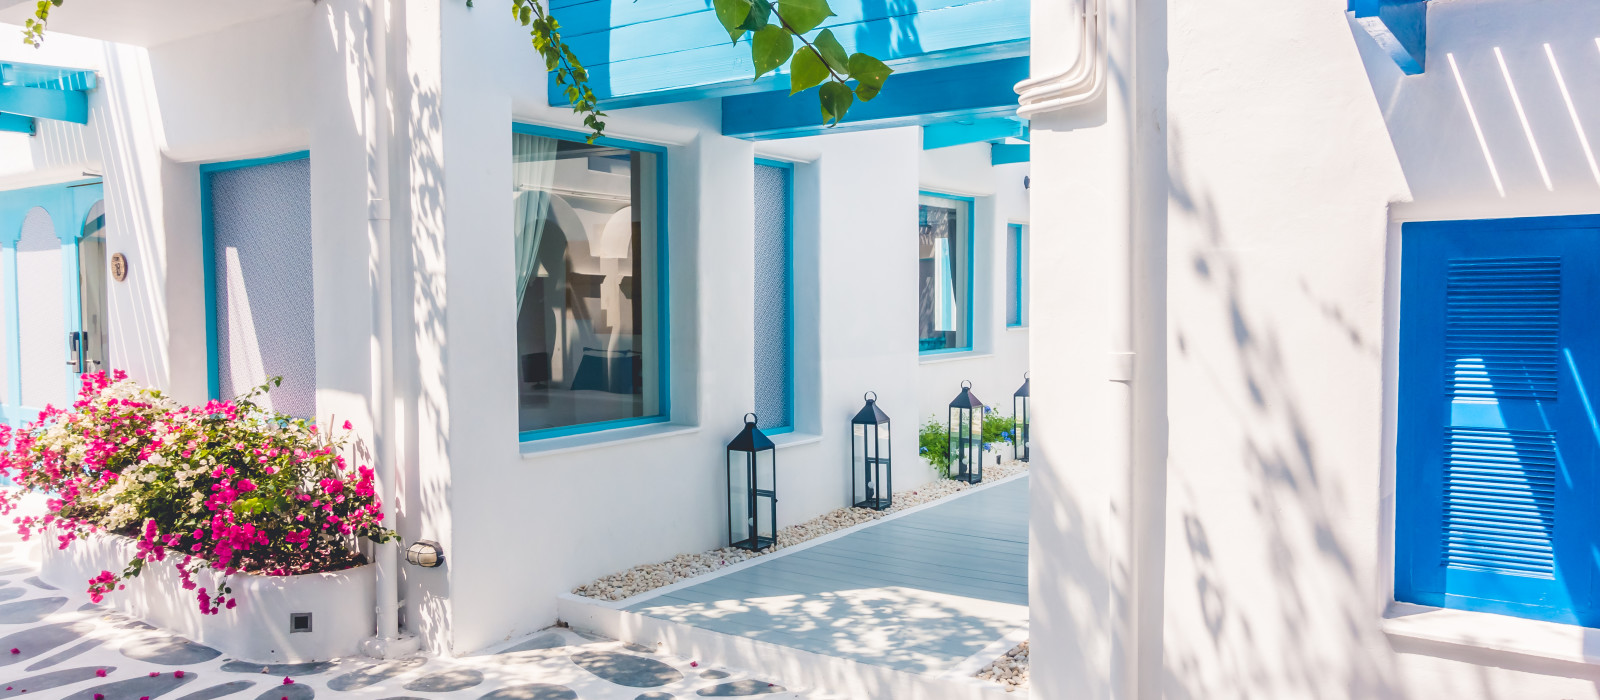 Hotel El Greco Resort Greece